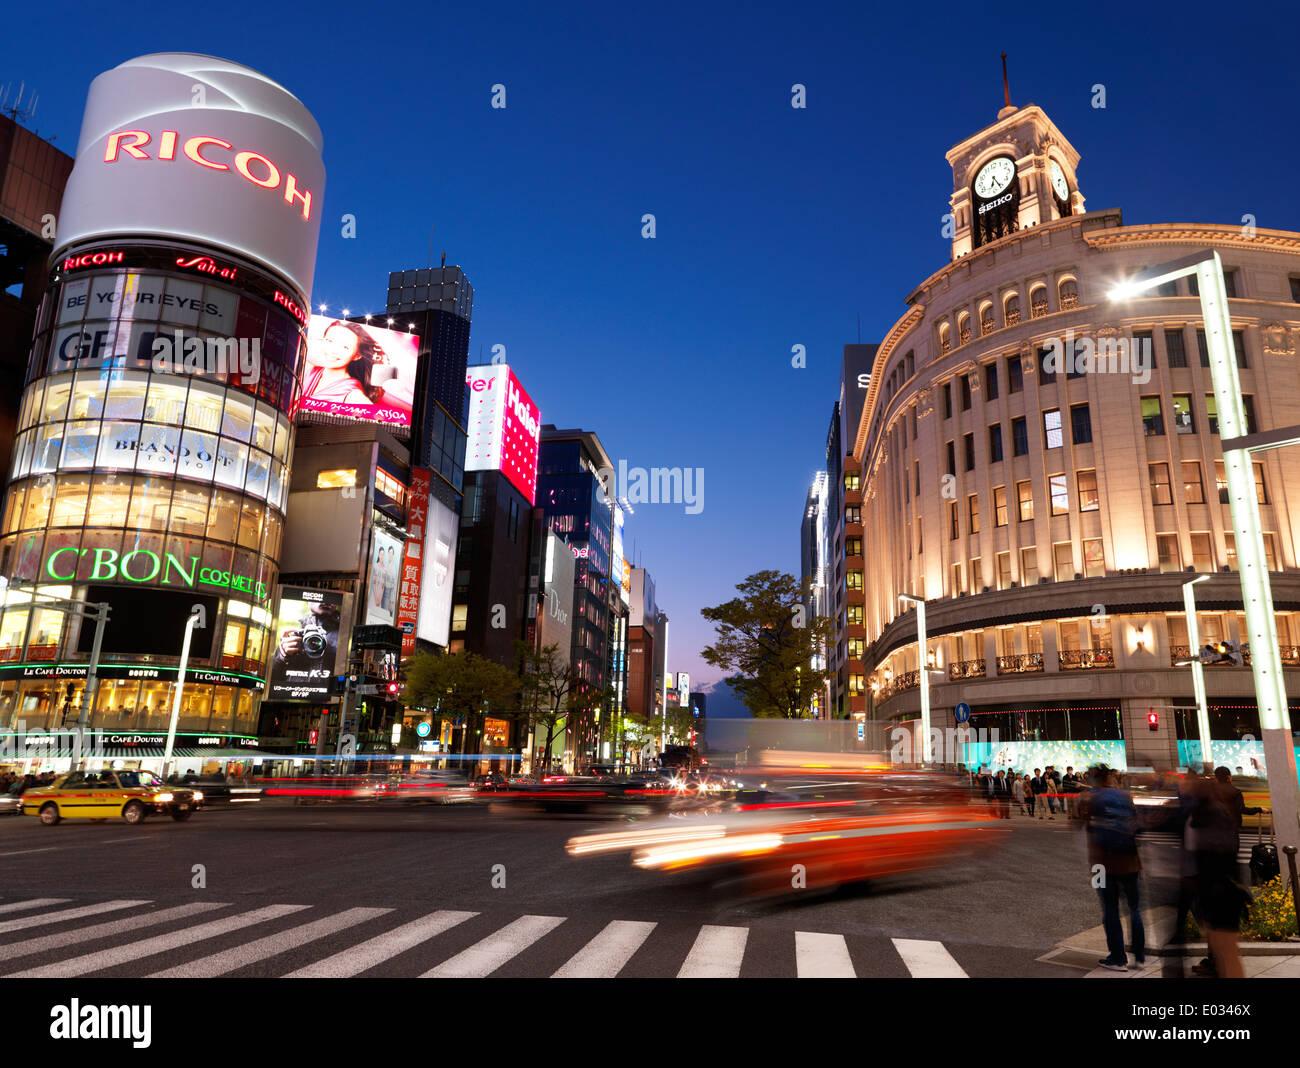 Wako Department Store et Ricoh bâtiments après le coucher du soleil. Harumi Dori et intersection de Chou Dori, Ginza, Tokyo, Japon Photo Stock